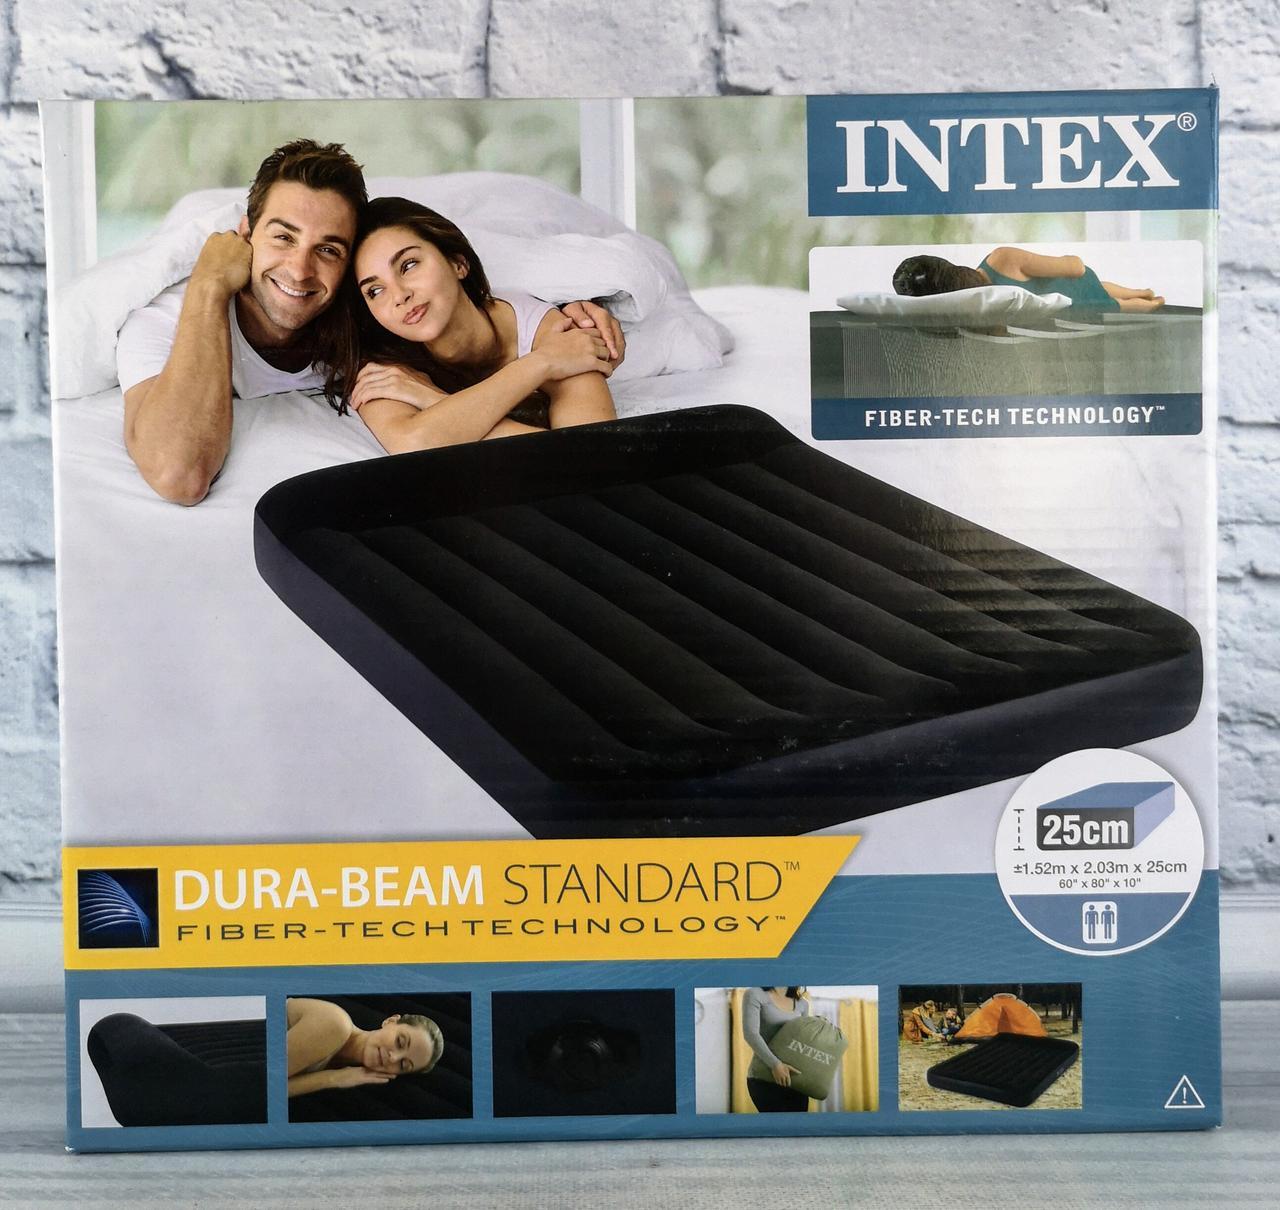 Надувной велюровый матрас. Кровать двухместная 203*152*25 см 64143 Intex